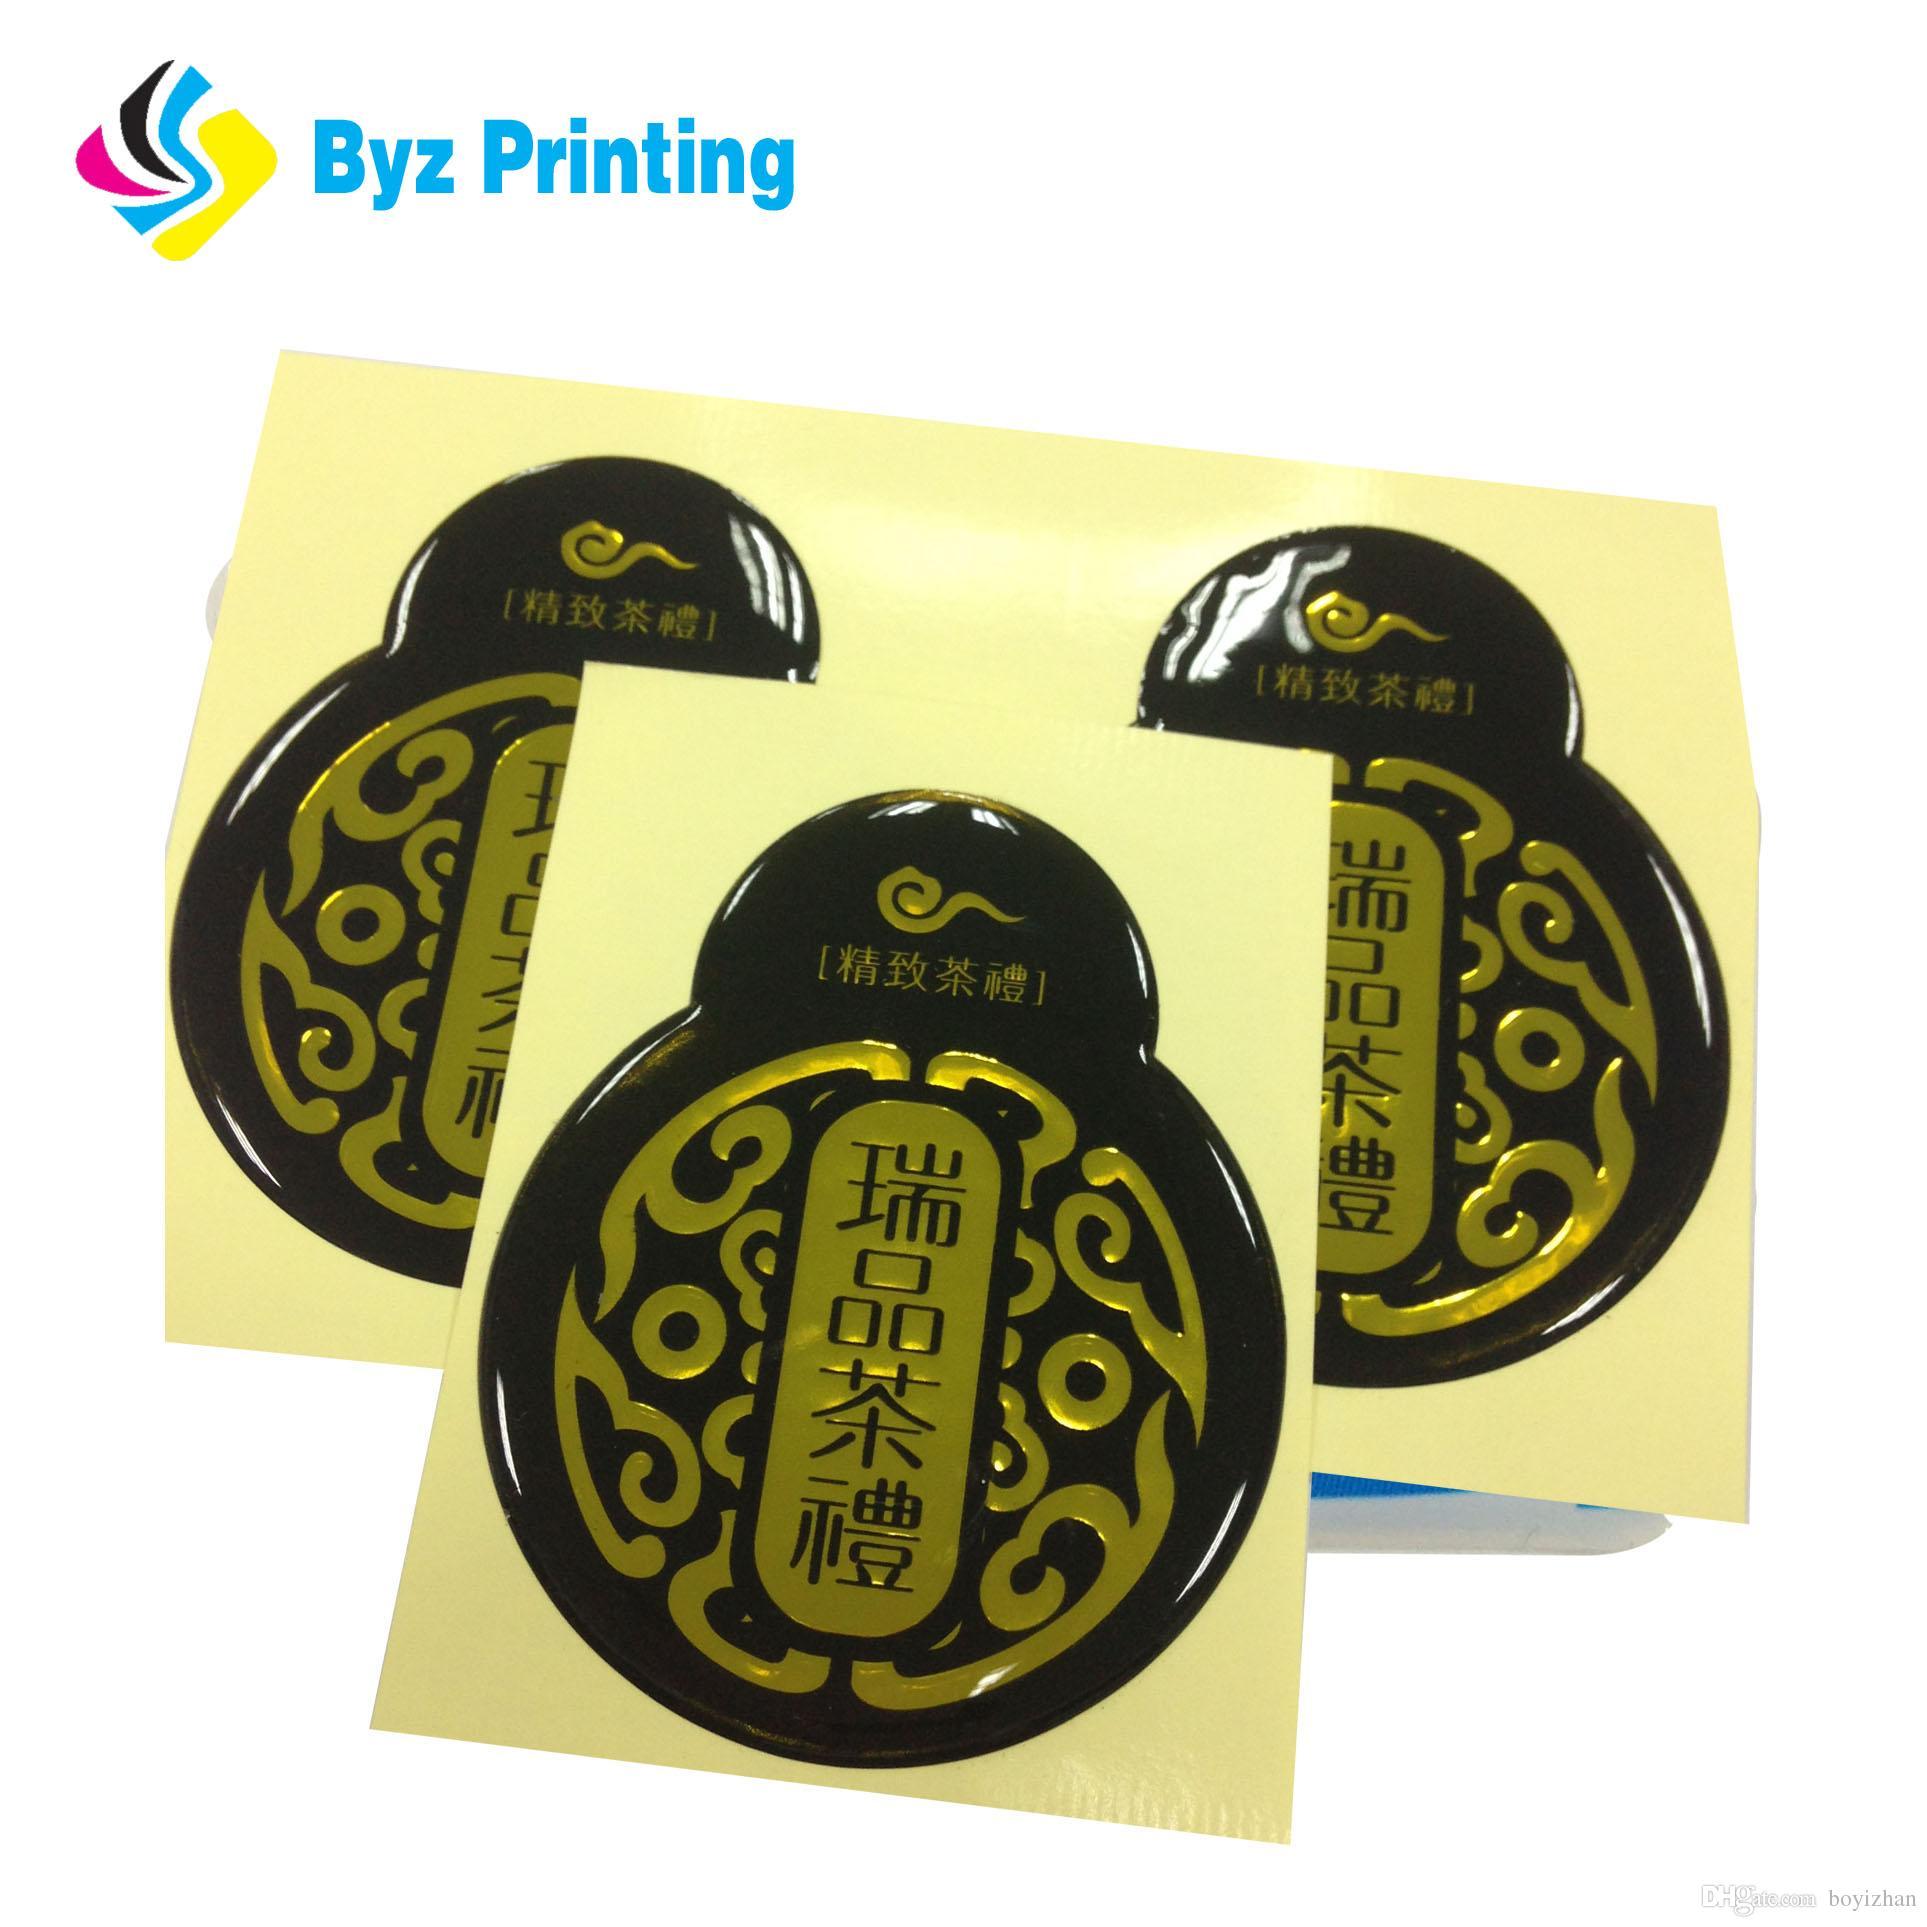 Decorative stickeradhesive sticker style and epoxy stickerdome label type 3d epoxy resin dome sticker